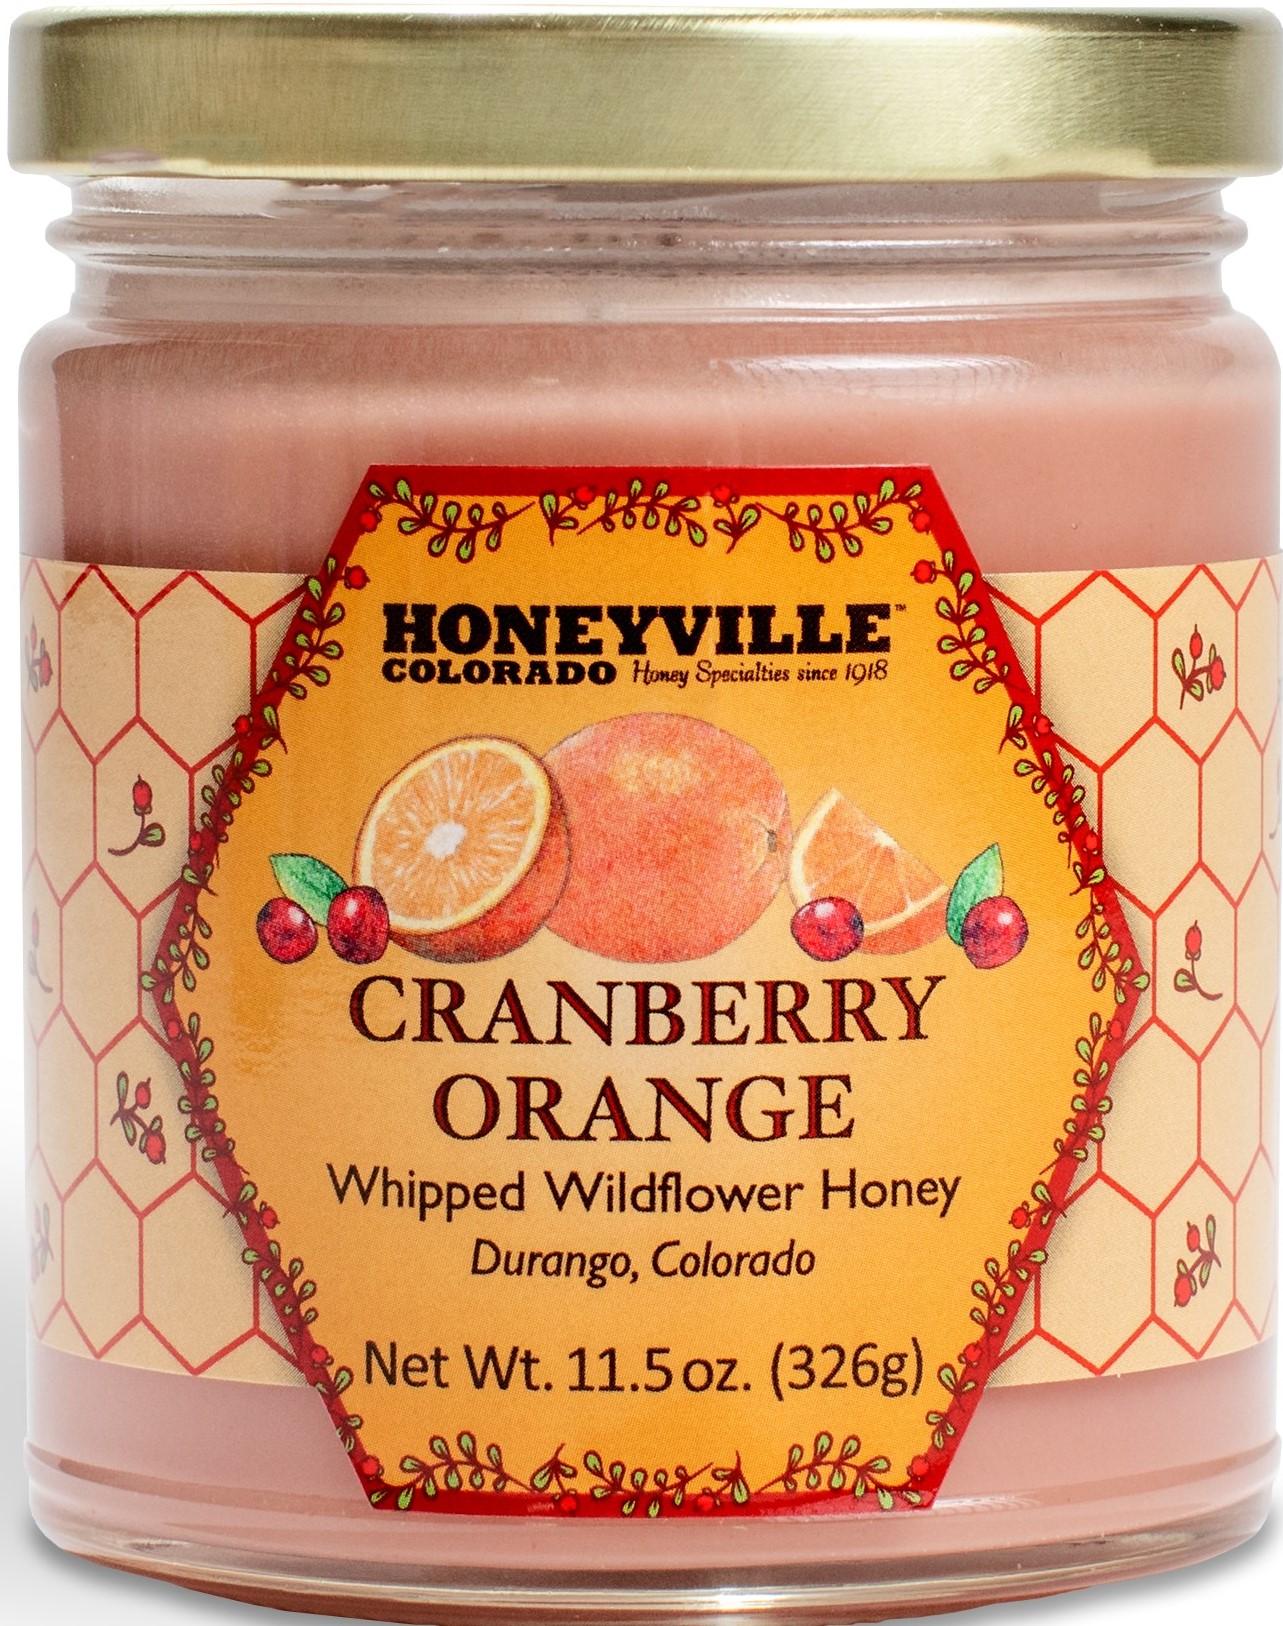 CRANBERRY ORANGE WHIPPED HONEY